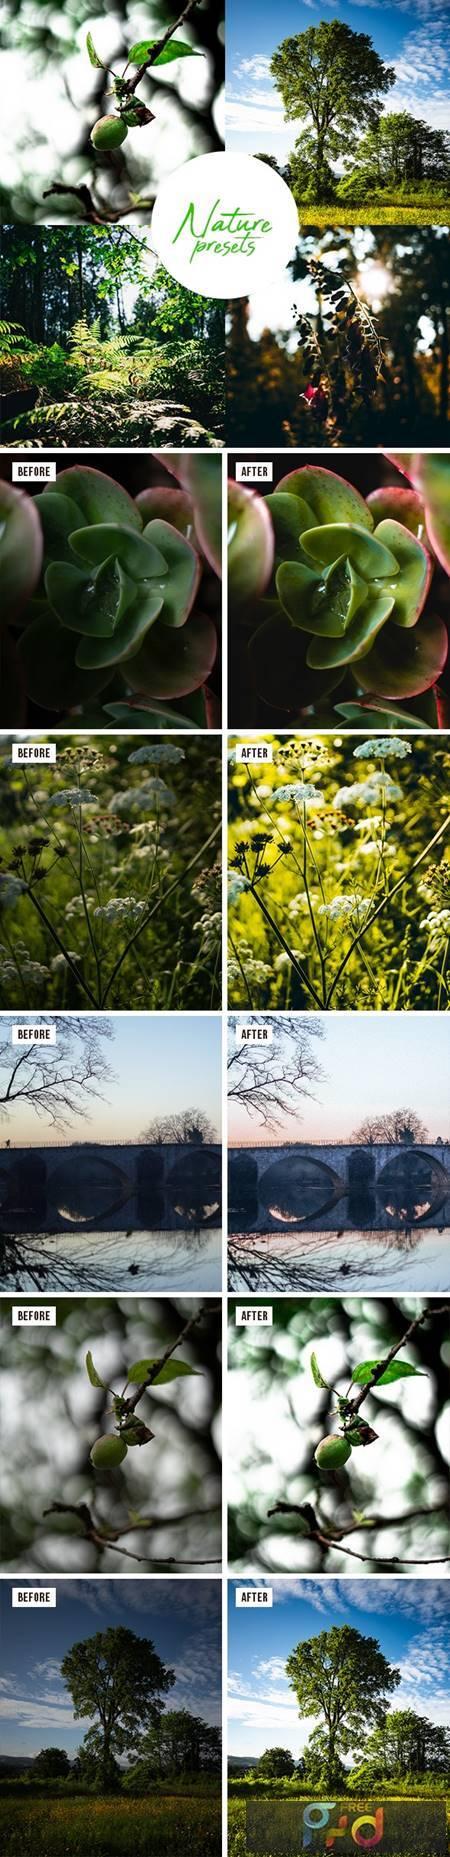 Professional Nature Lightroom Preset (Mobile & Desktop) 30177890 1